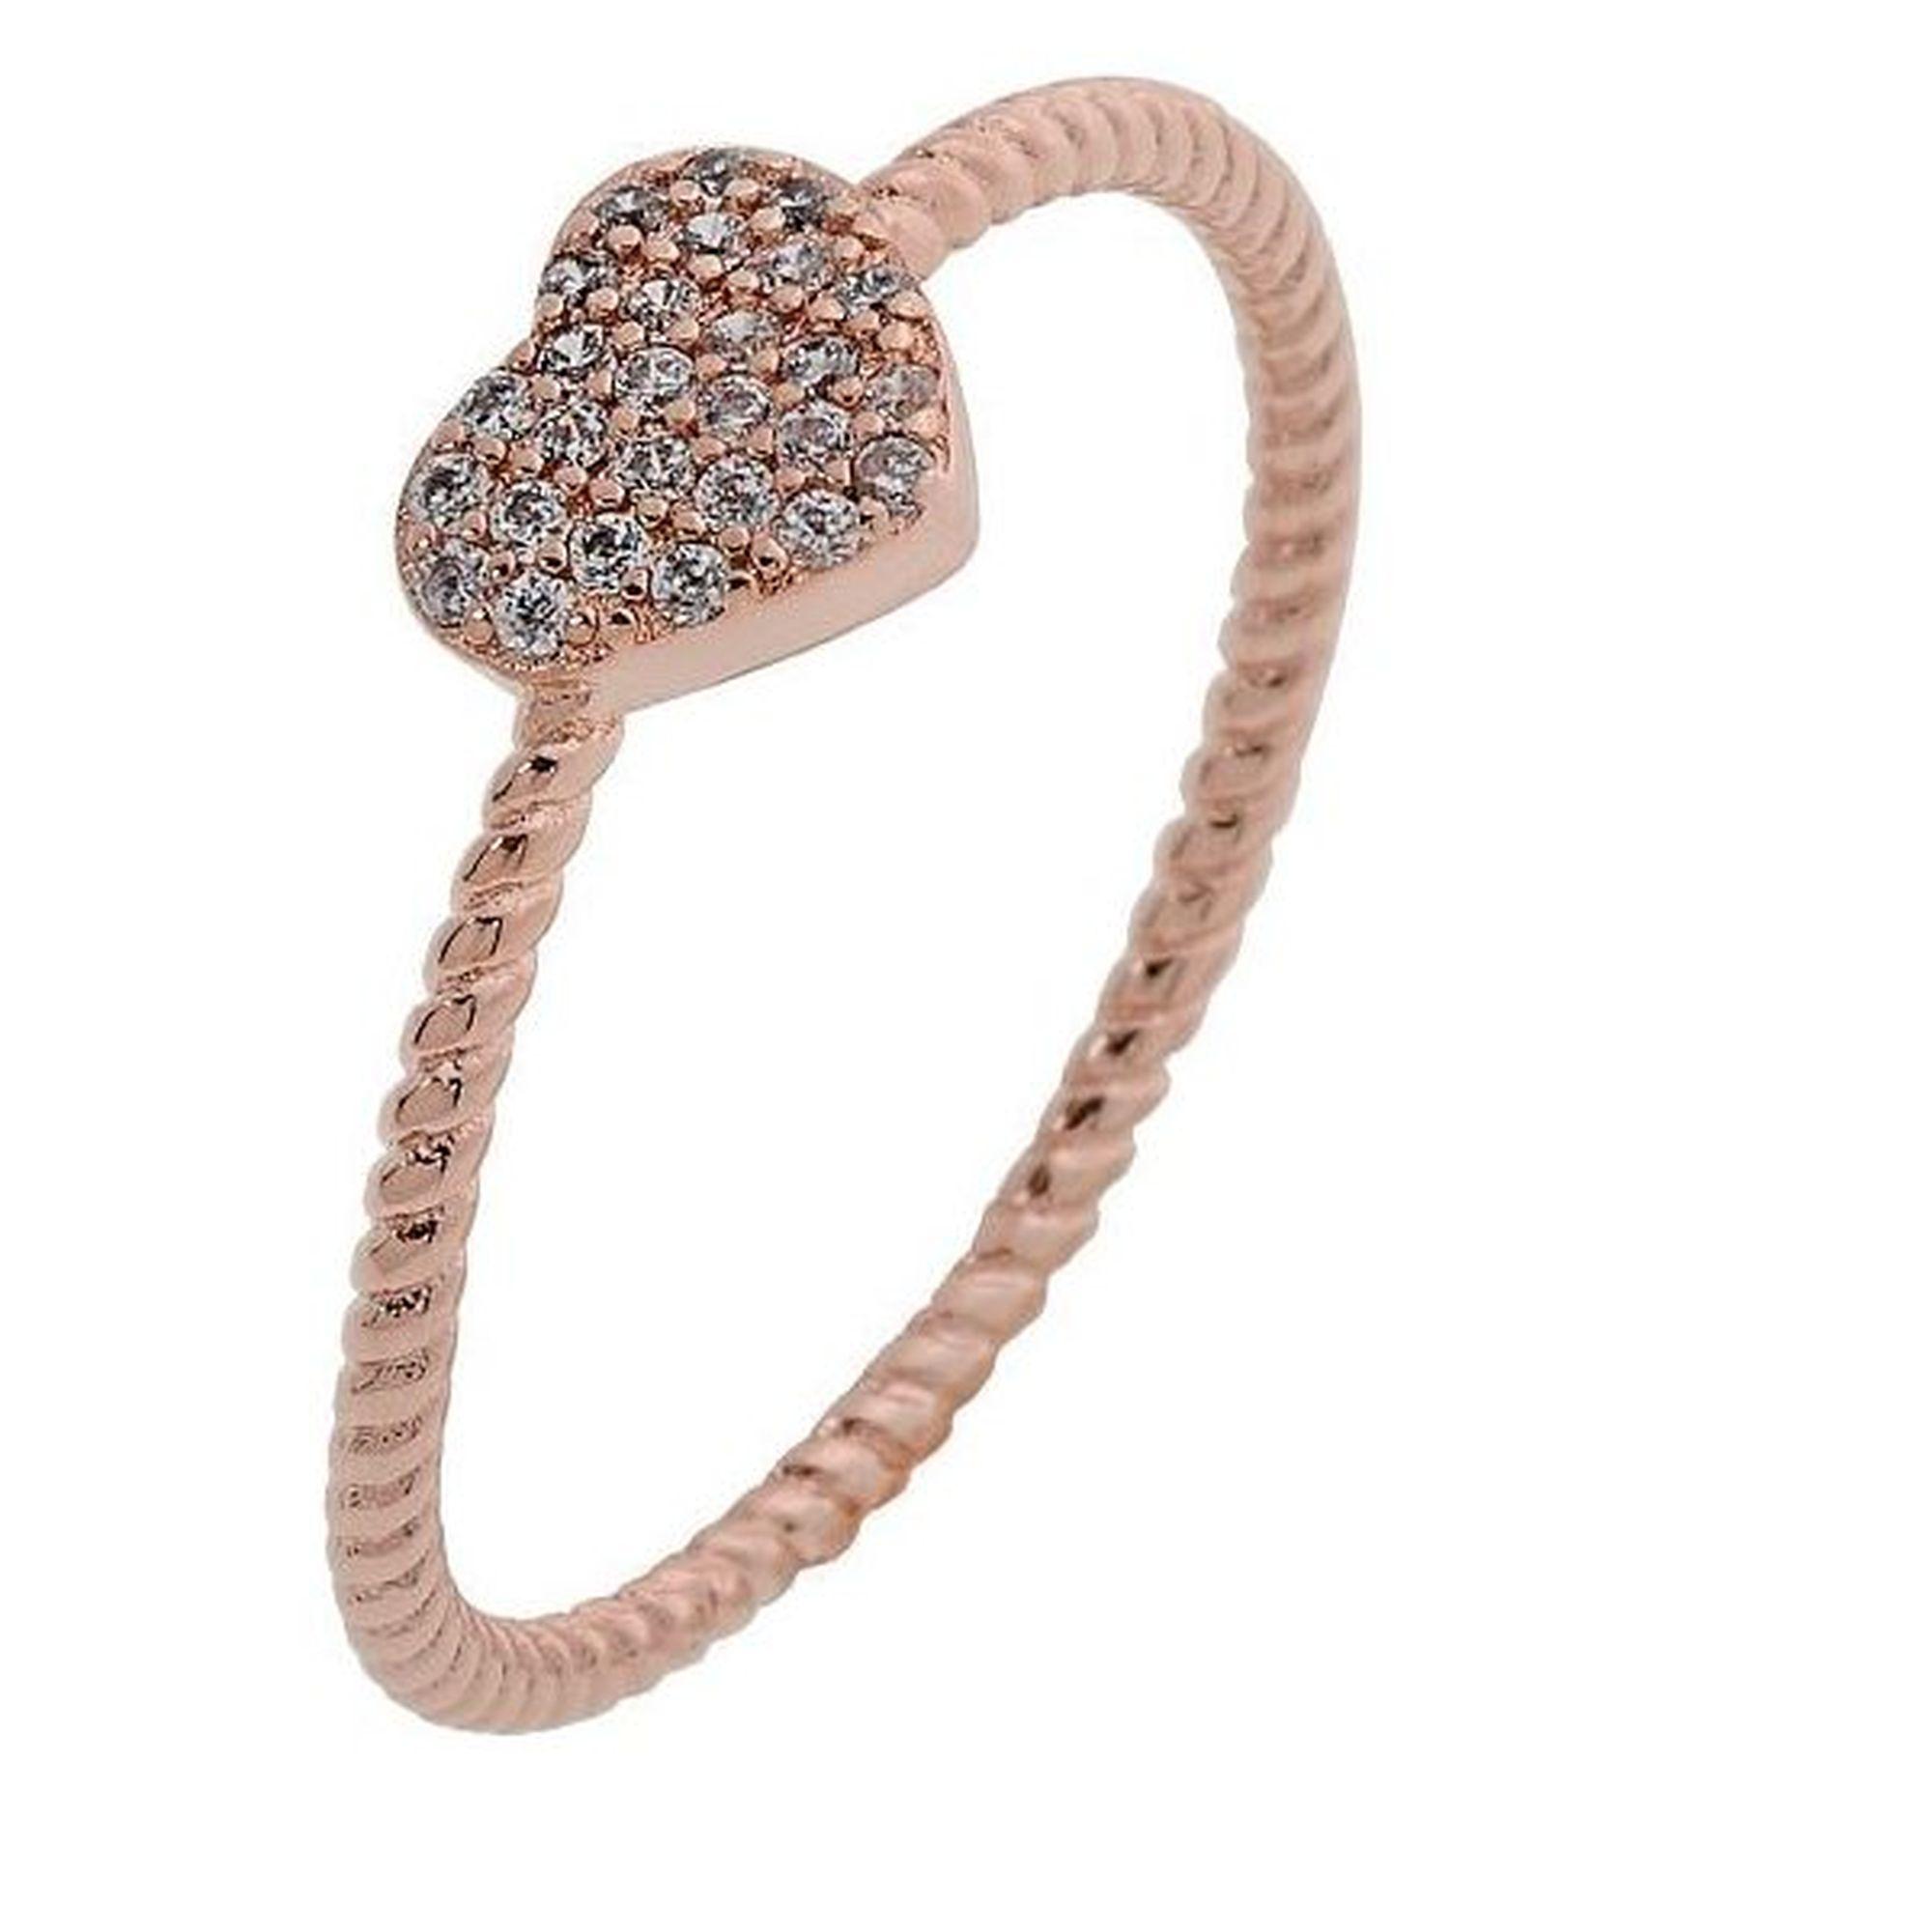 Ασημένιο Δαχτυλίδι σε Σχήμα Καρδιάς Ροζ